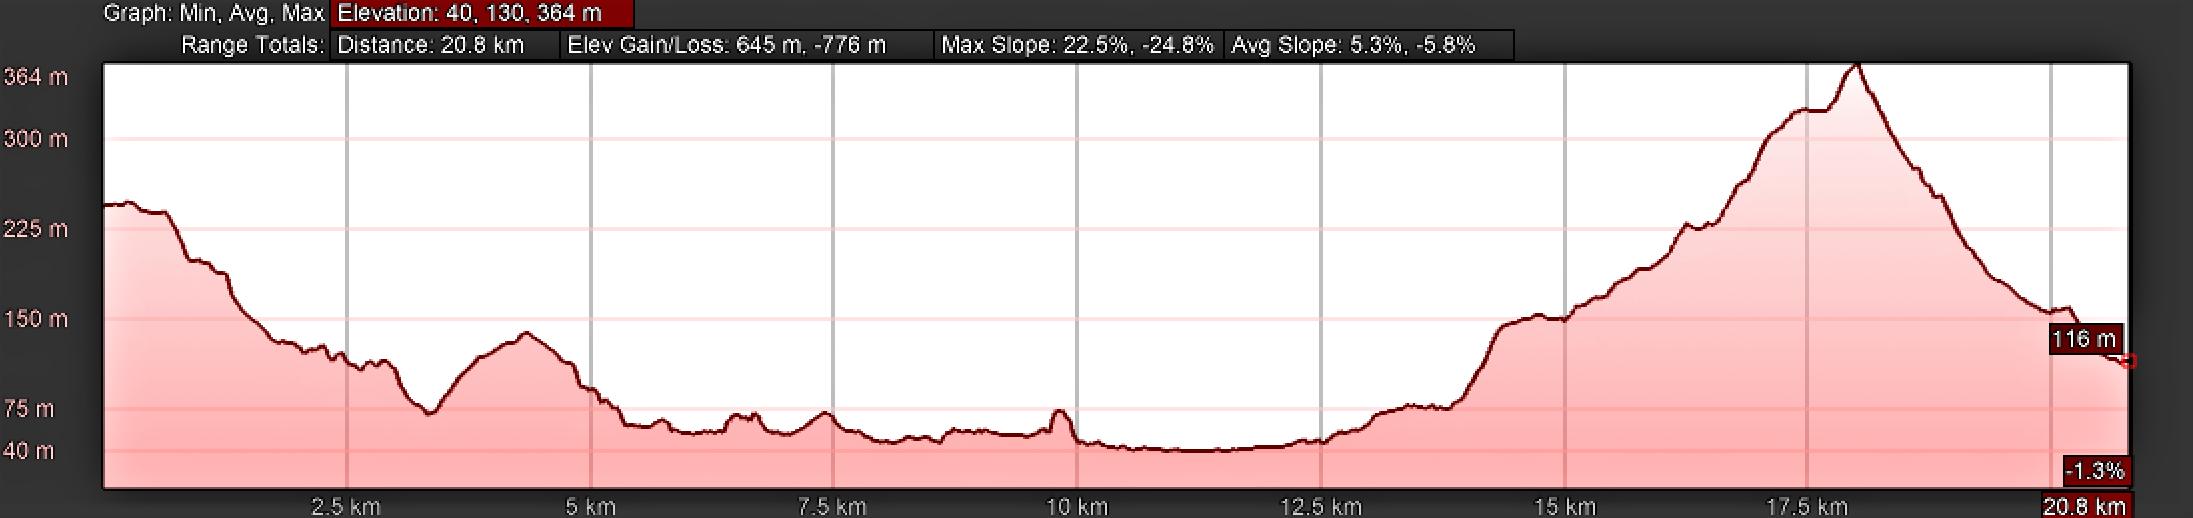 Elevation Profile, Day Two on the Camino Primitivo, Escamplero to La Doriga